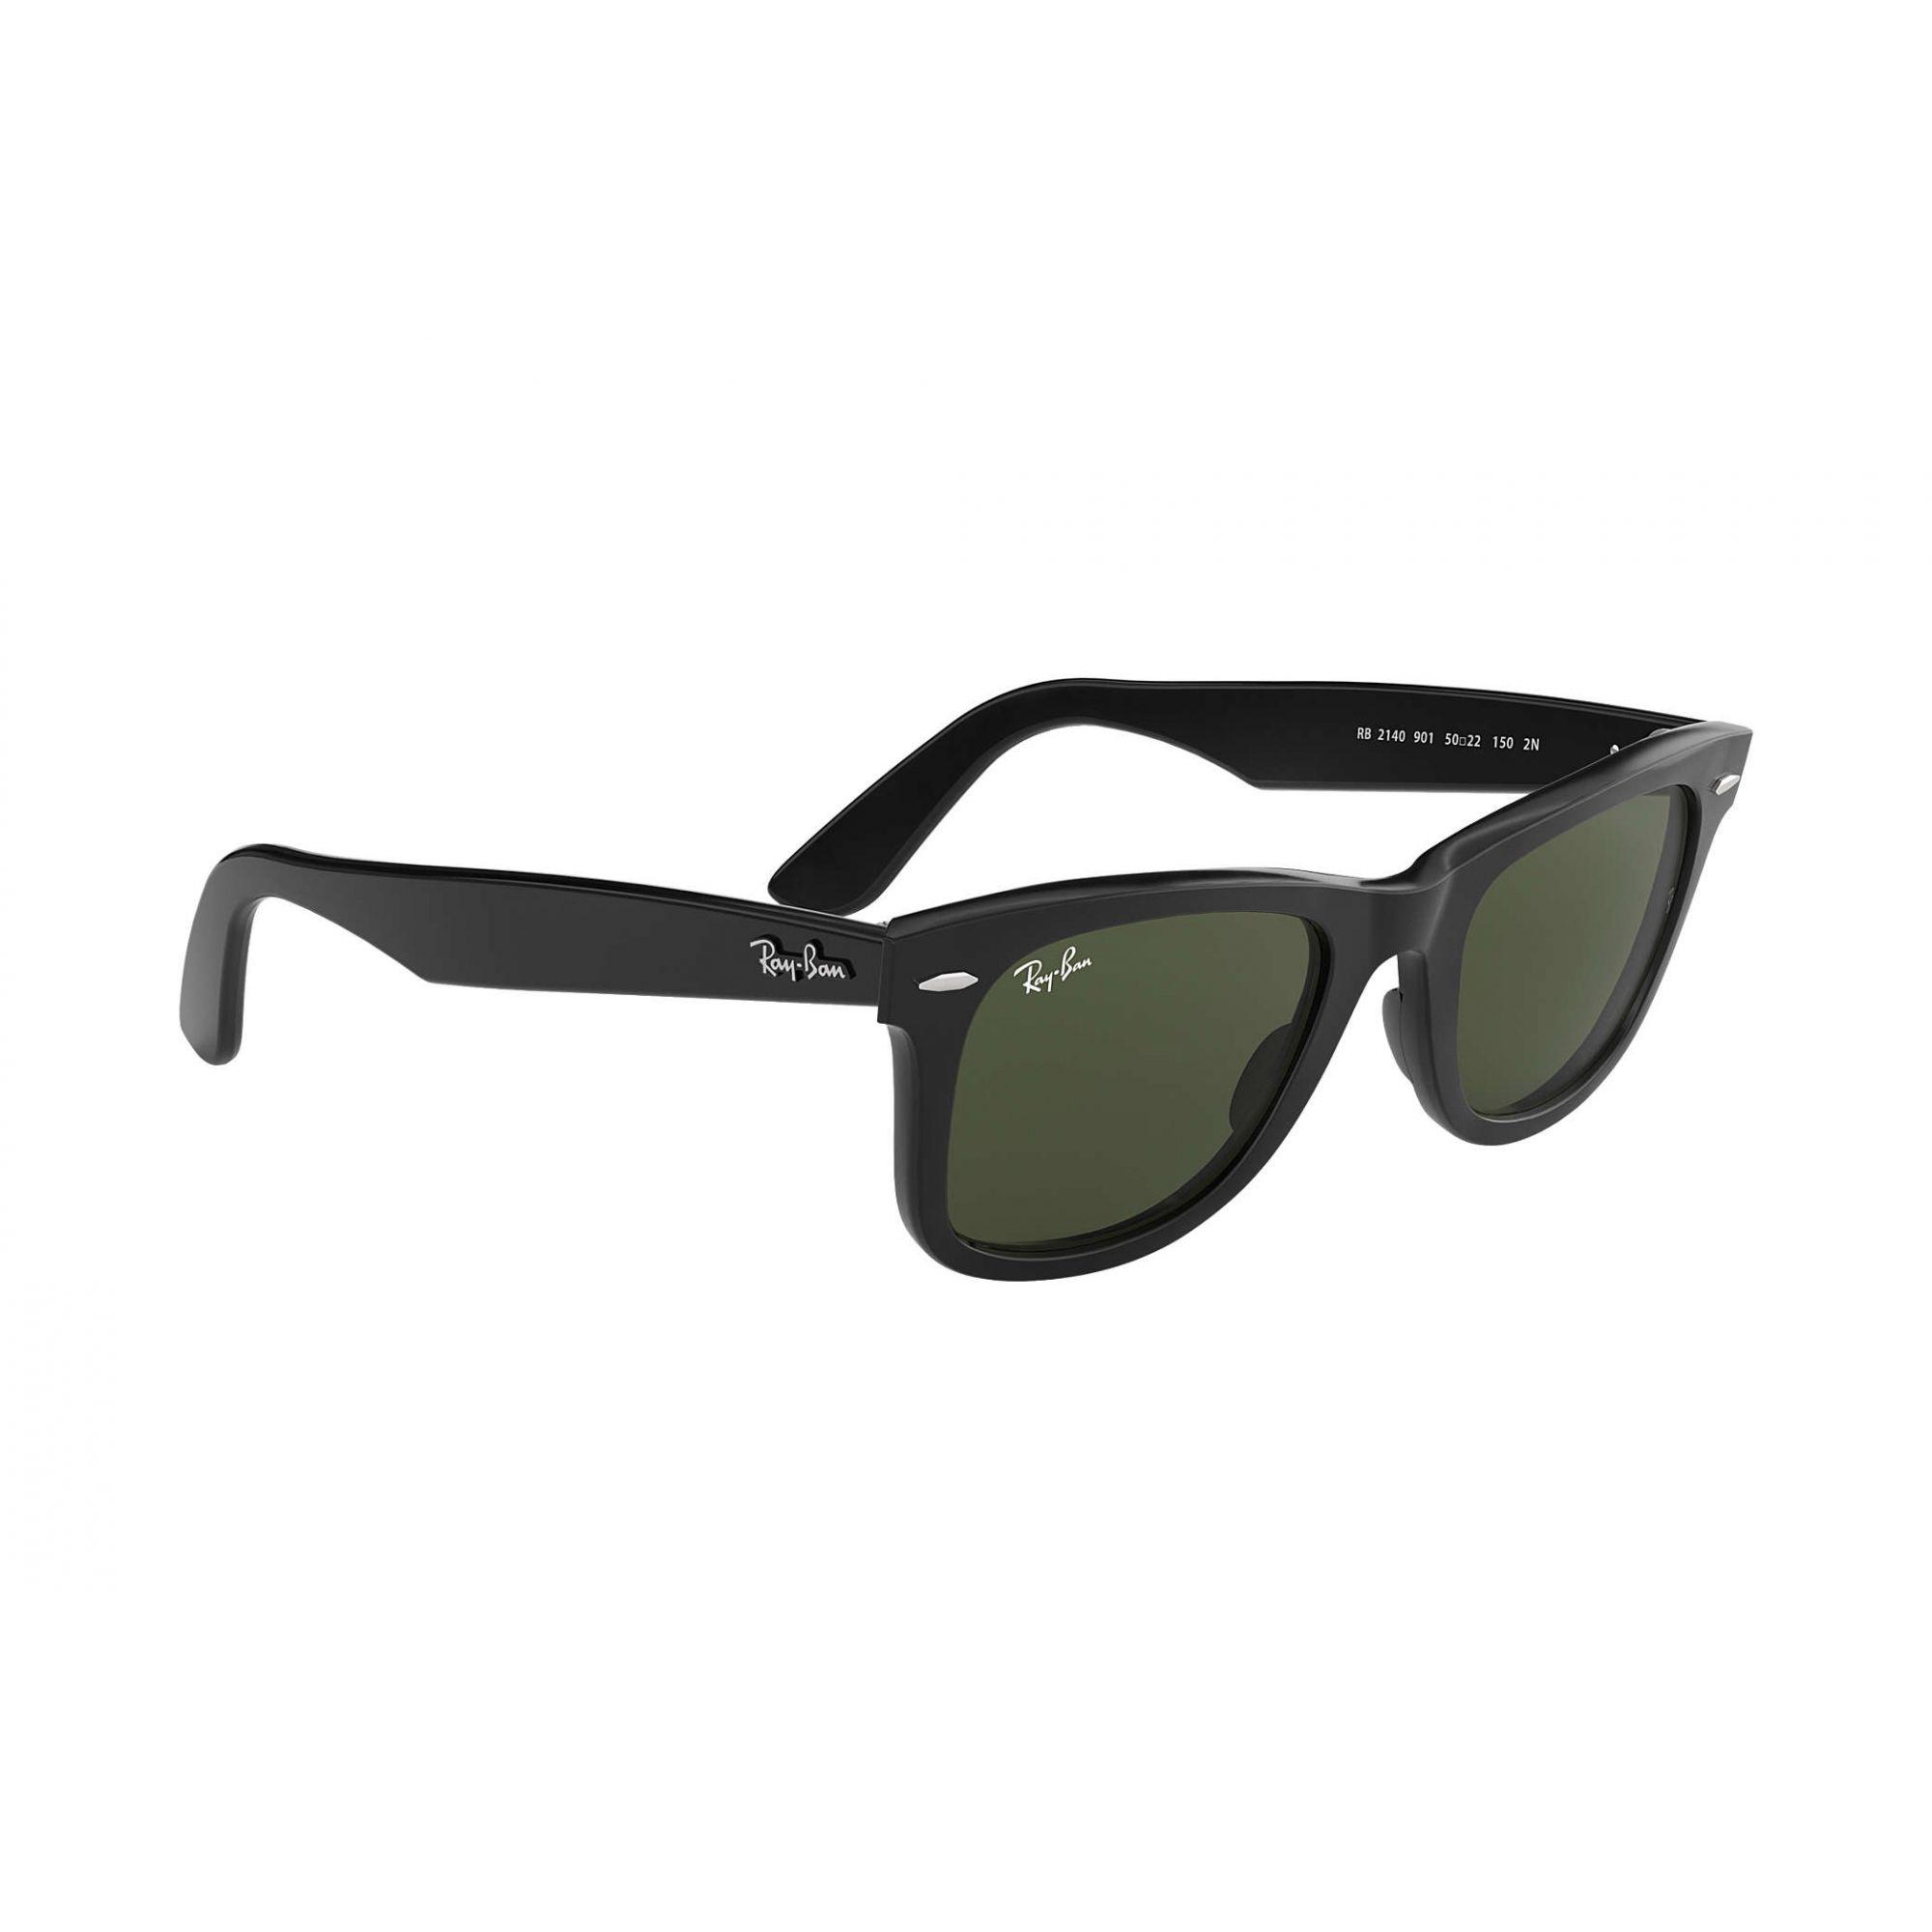 Ray Ban - RB2140 901 - Óculos de sol